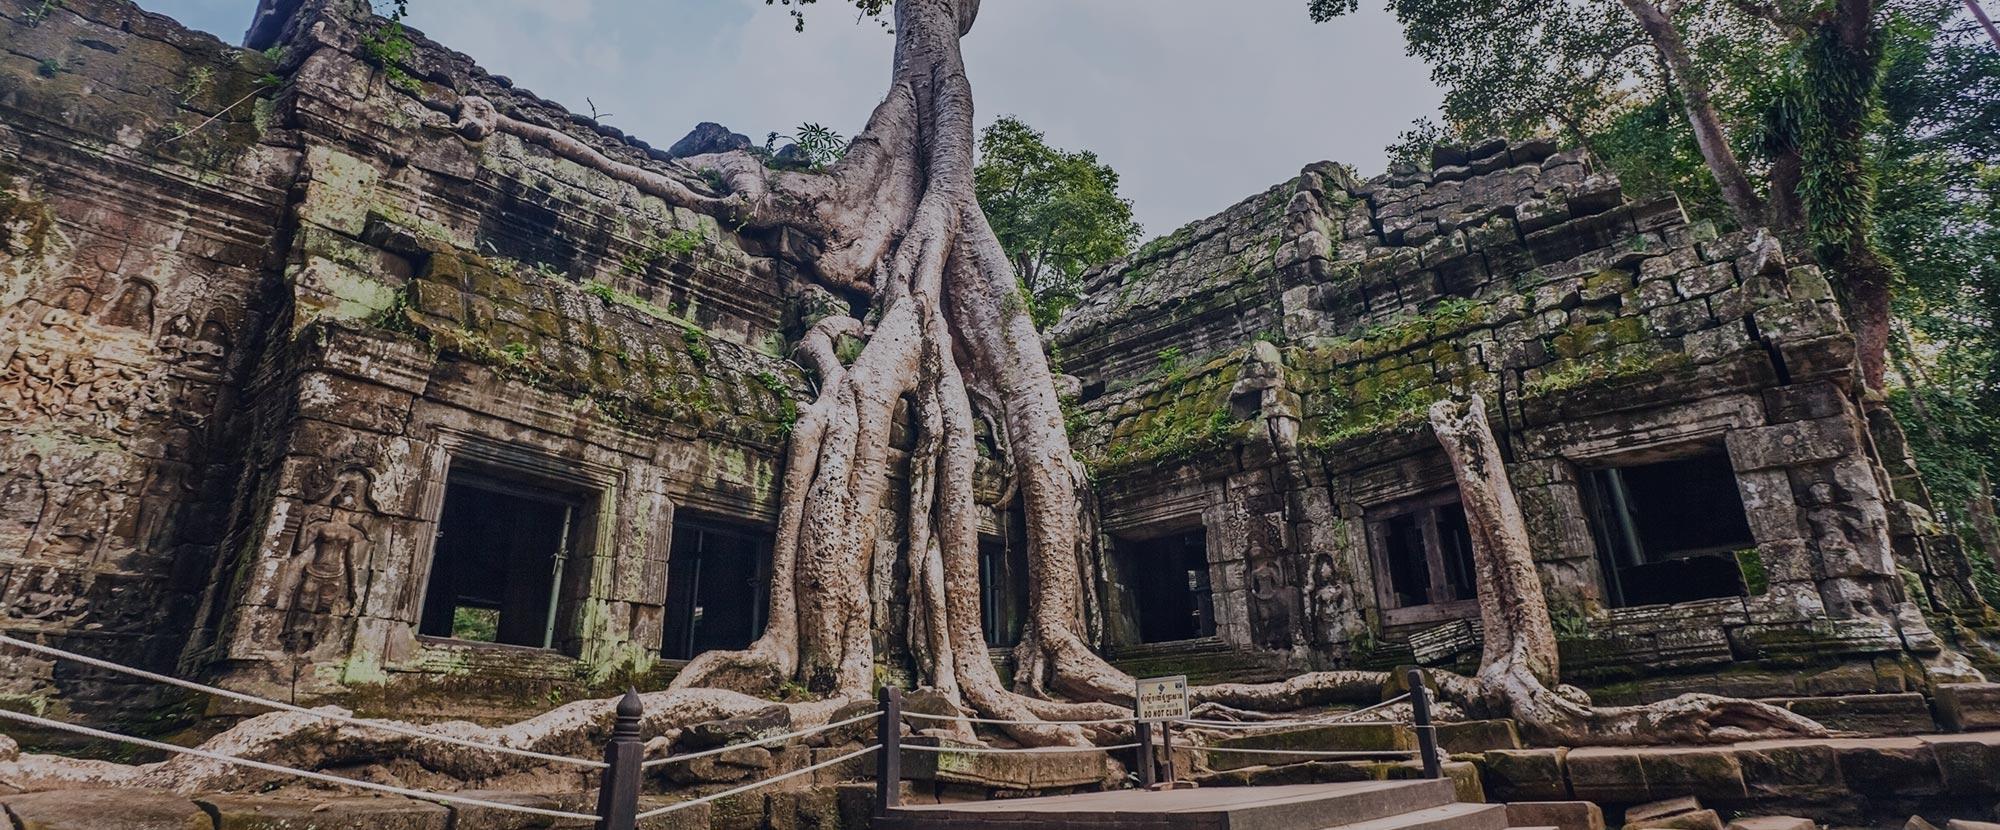 Viajes a Tailandia y Camboya